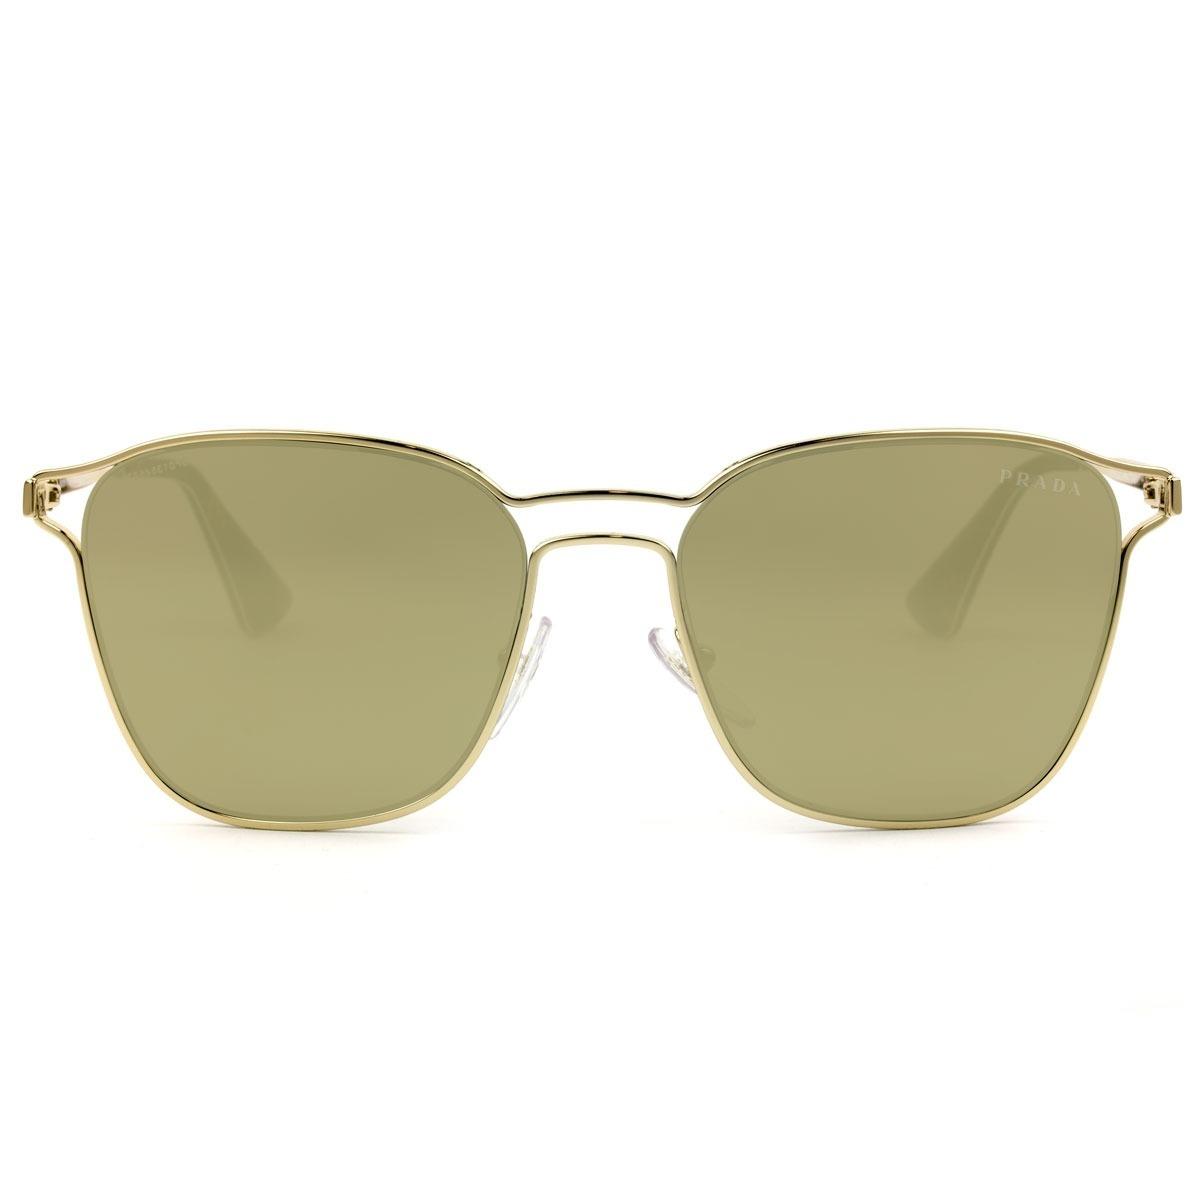 39ff846768306 óculos prada spr 54t zvn 1c0 55 - nota fiscal. Carregando zoom.